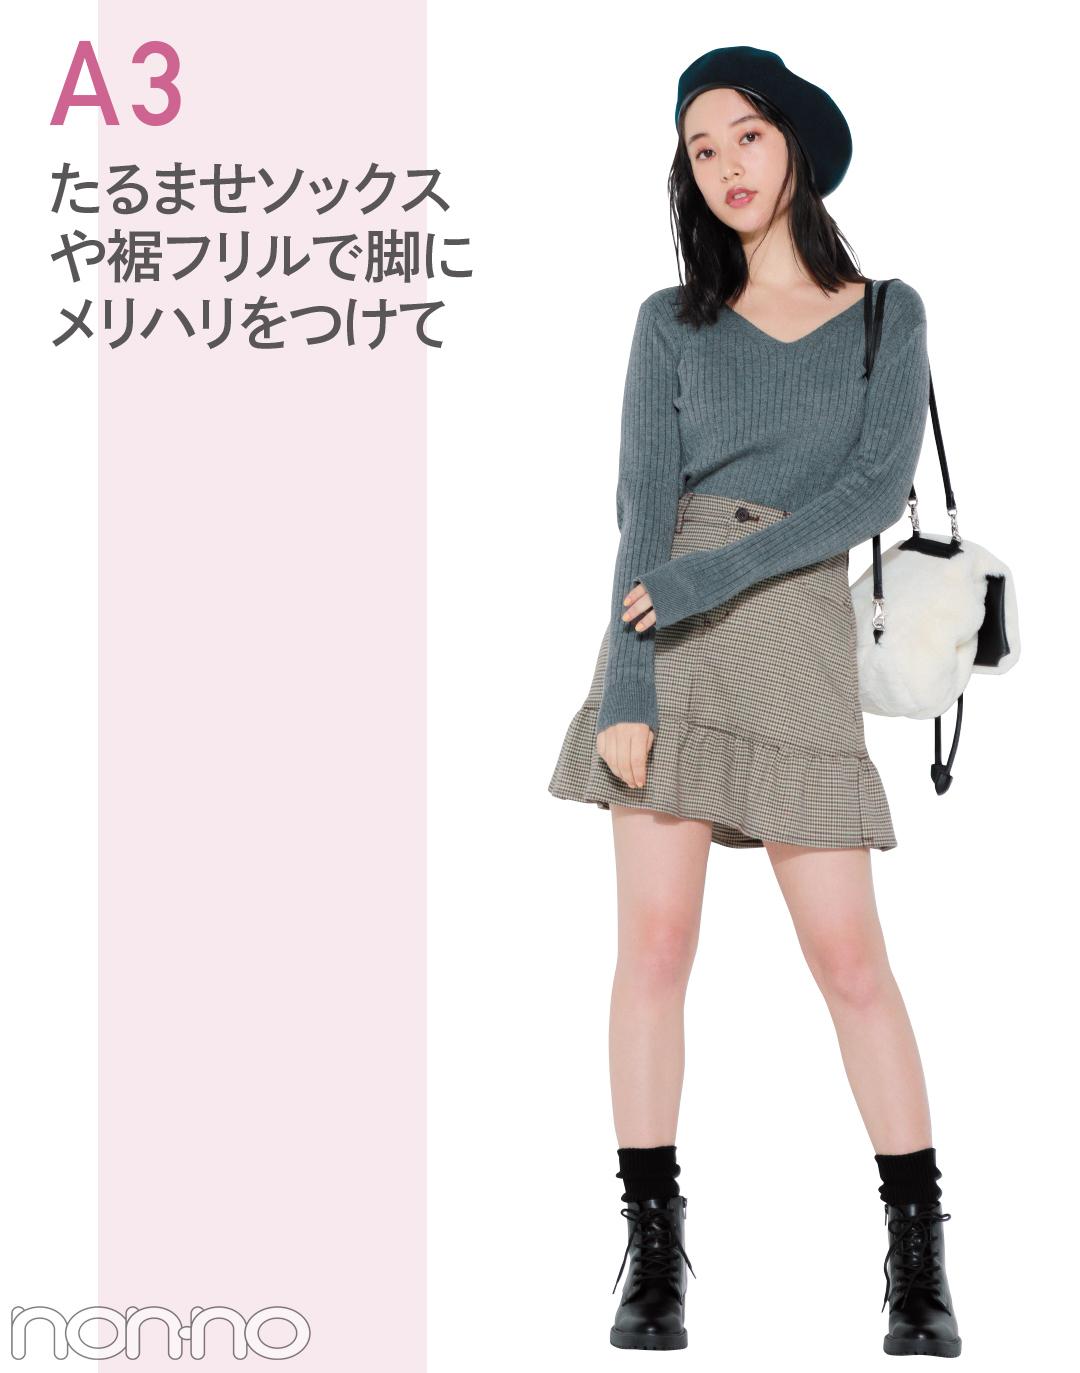 背が低くても、ミニスカートでバランスよく見せられるコーデって?_1_2-3